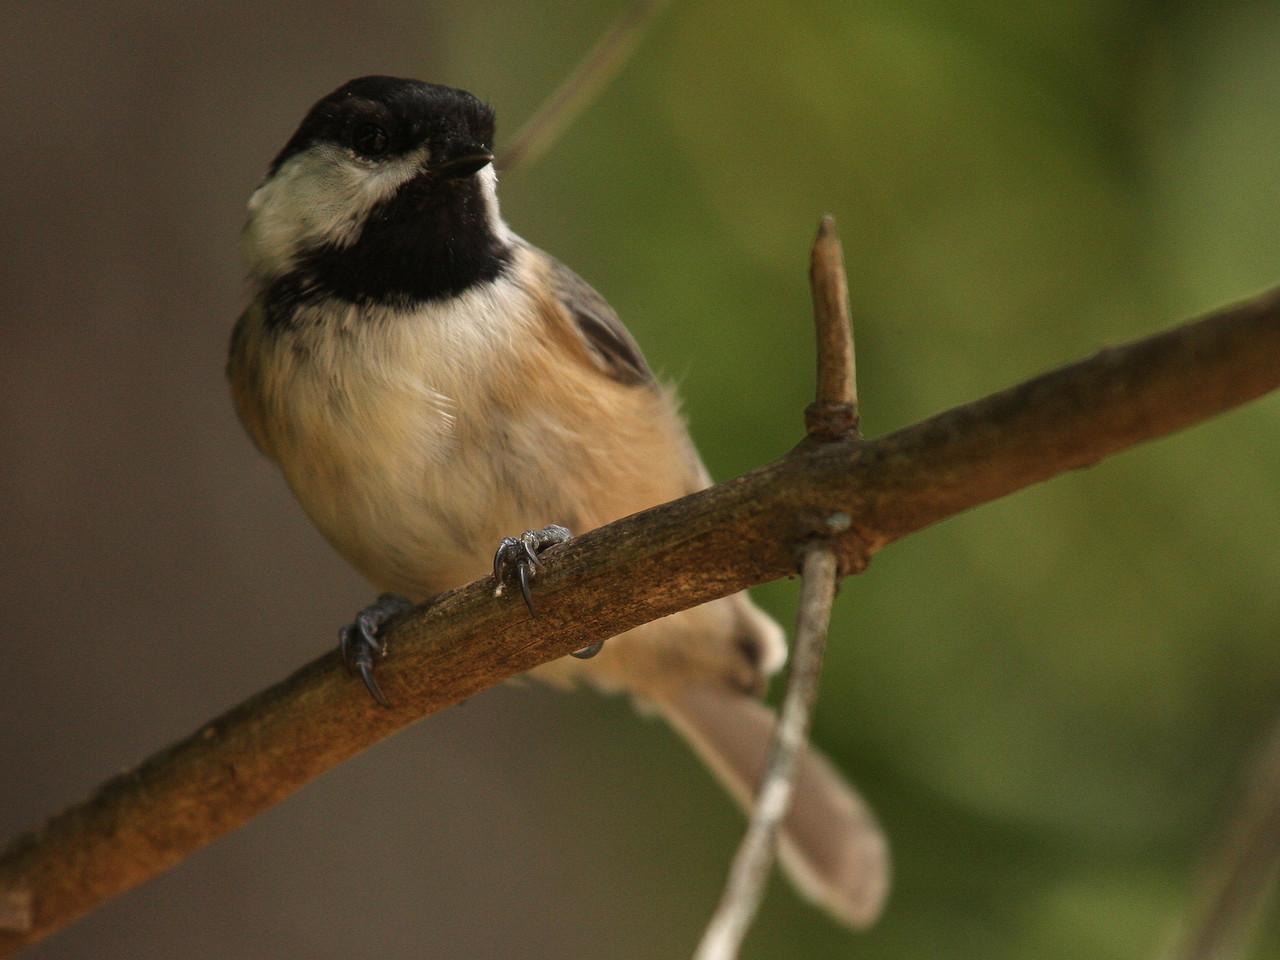 IMG4_13764 Chickadee bird DPPtrm